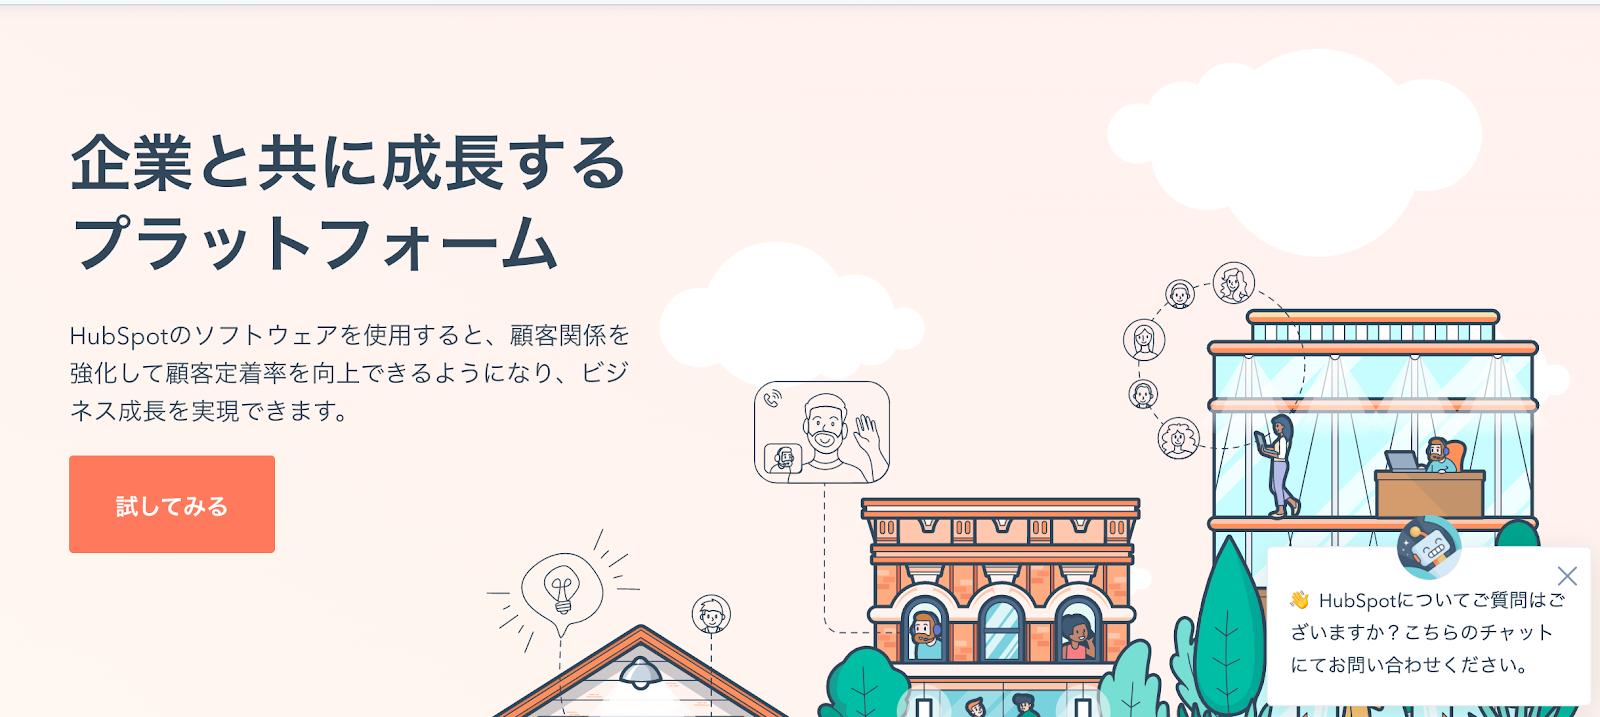 スクリーンショット 2020-09-10 10.29.36.png